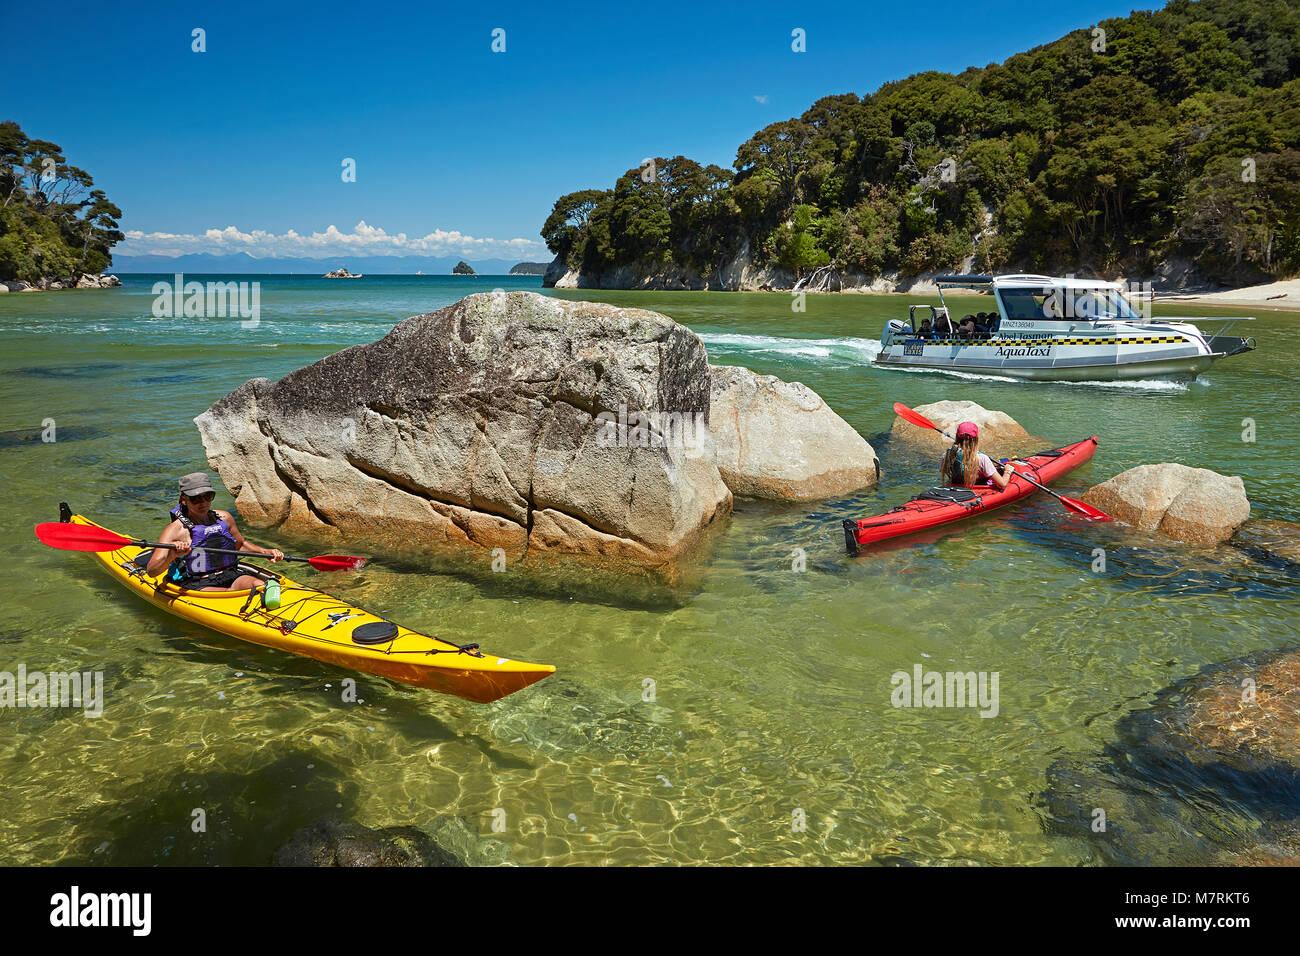 Les kayakistes et les taxis d'eau, Baie, Abel Tasman National Park, région de Nelson, île du Sud, Photo Stock